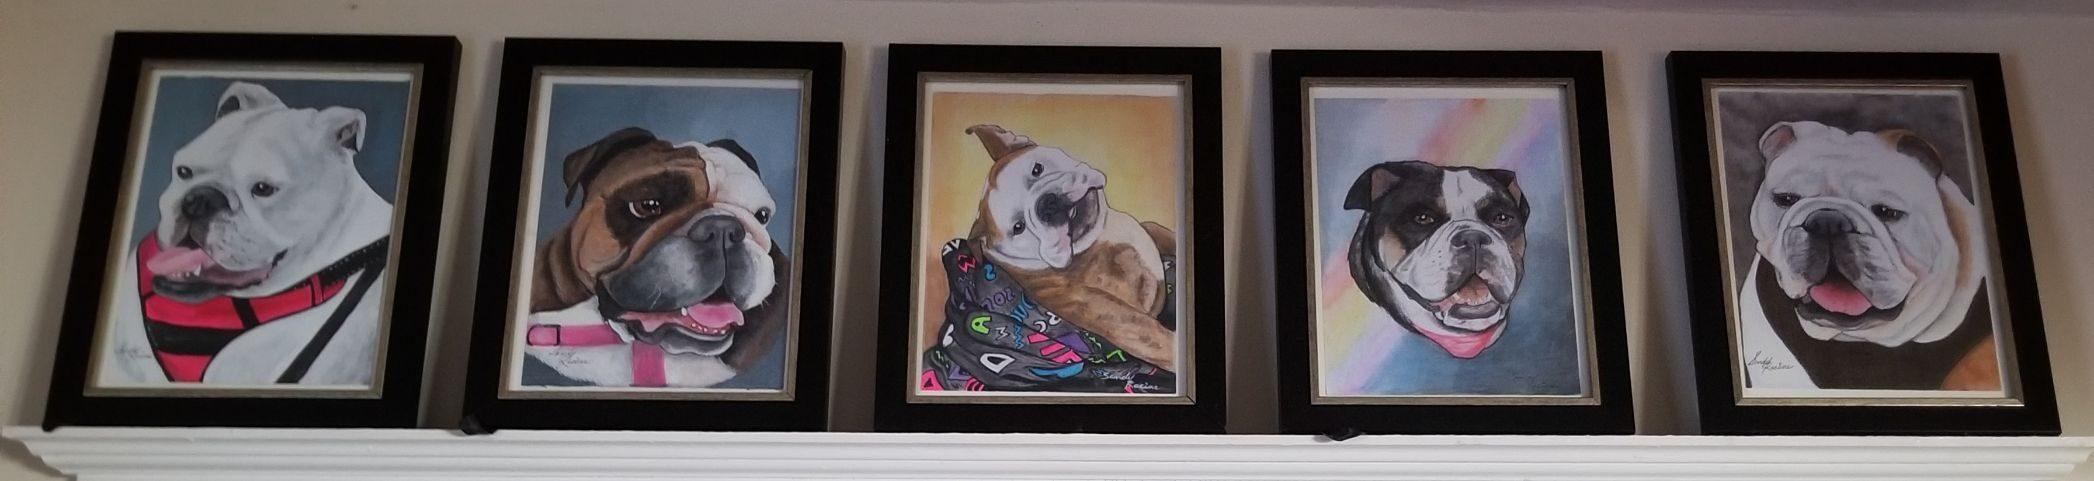 B.A.C.A.N. Dog Rescue